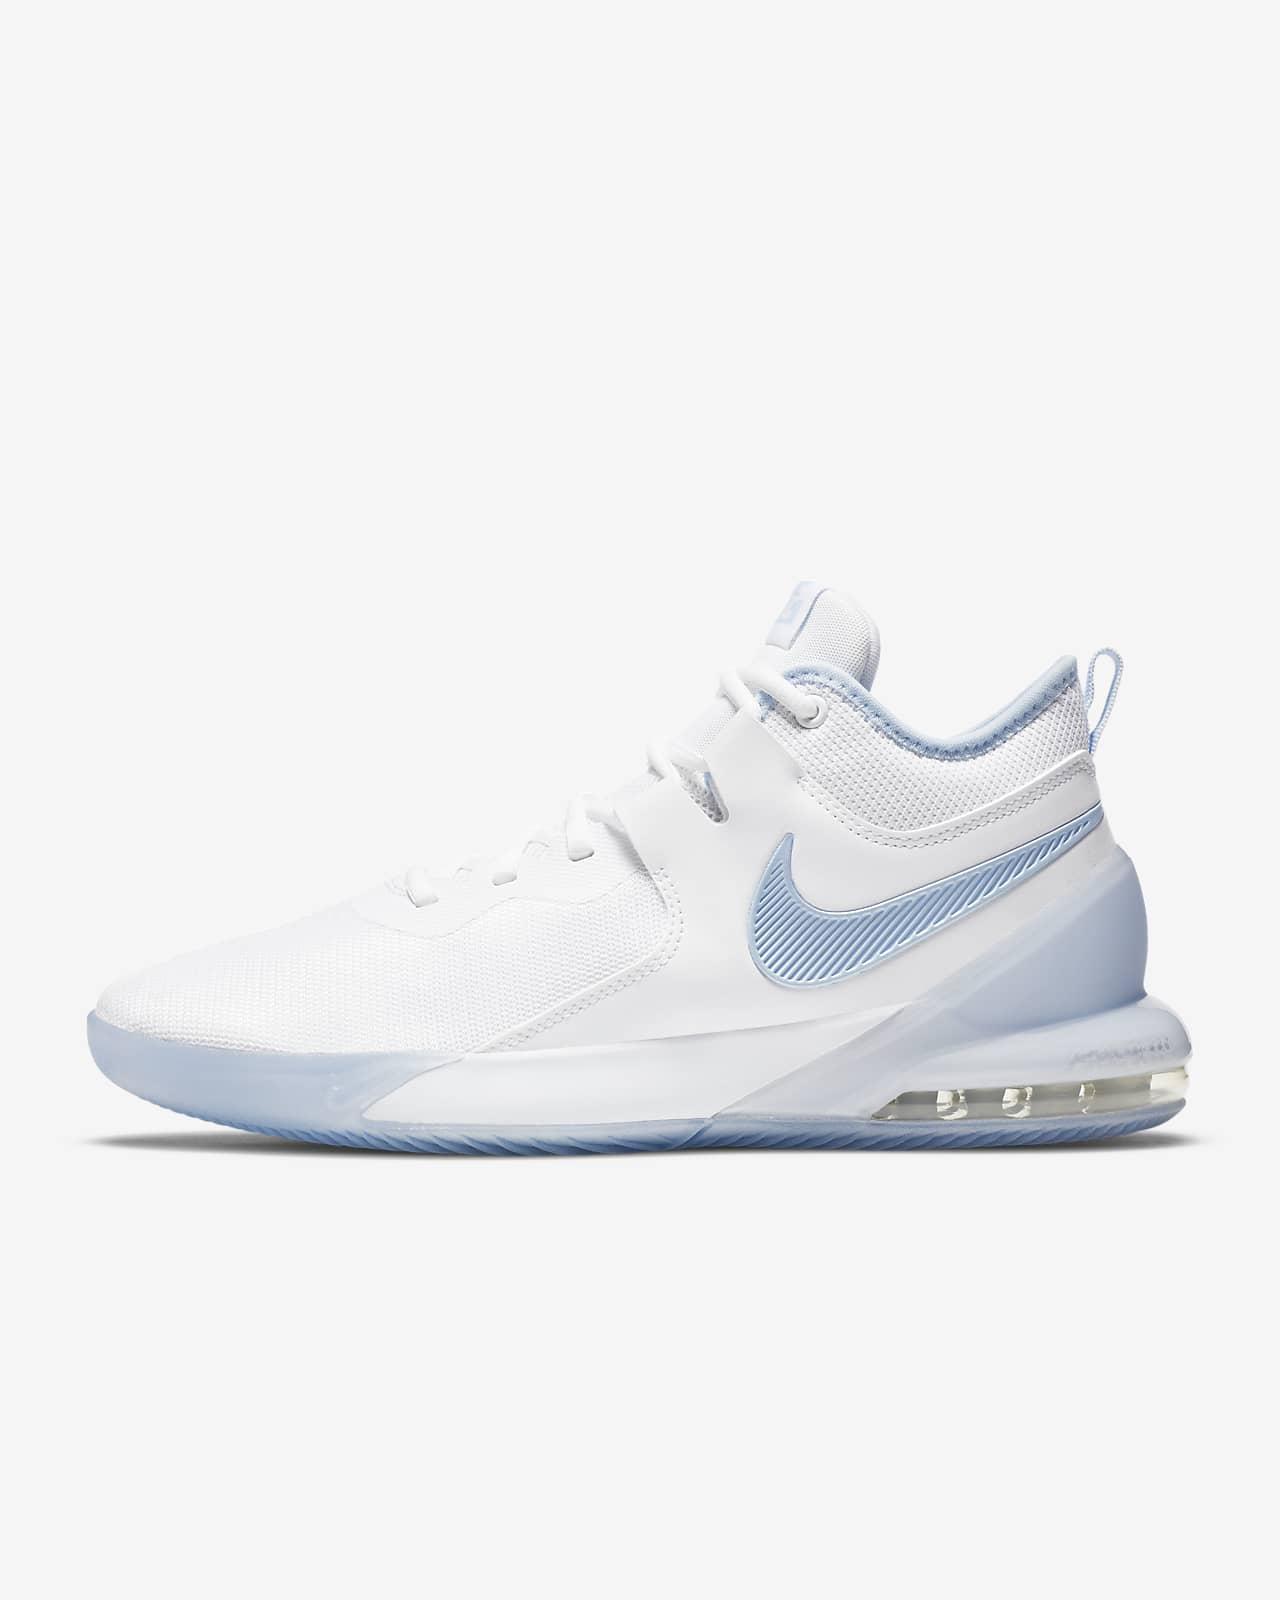 Chaussure de basketball Nike Air Max Impact